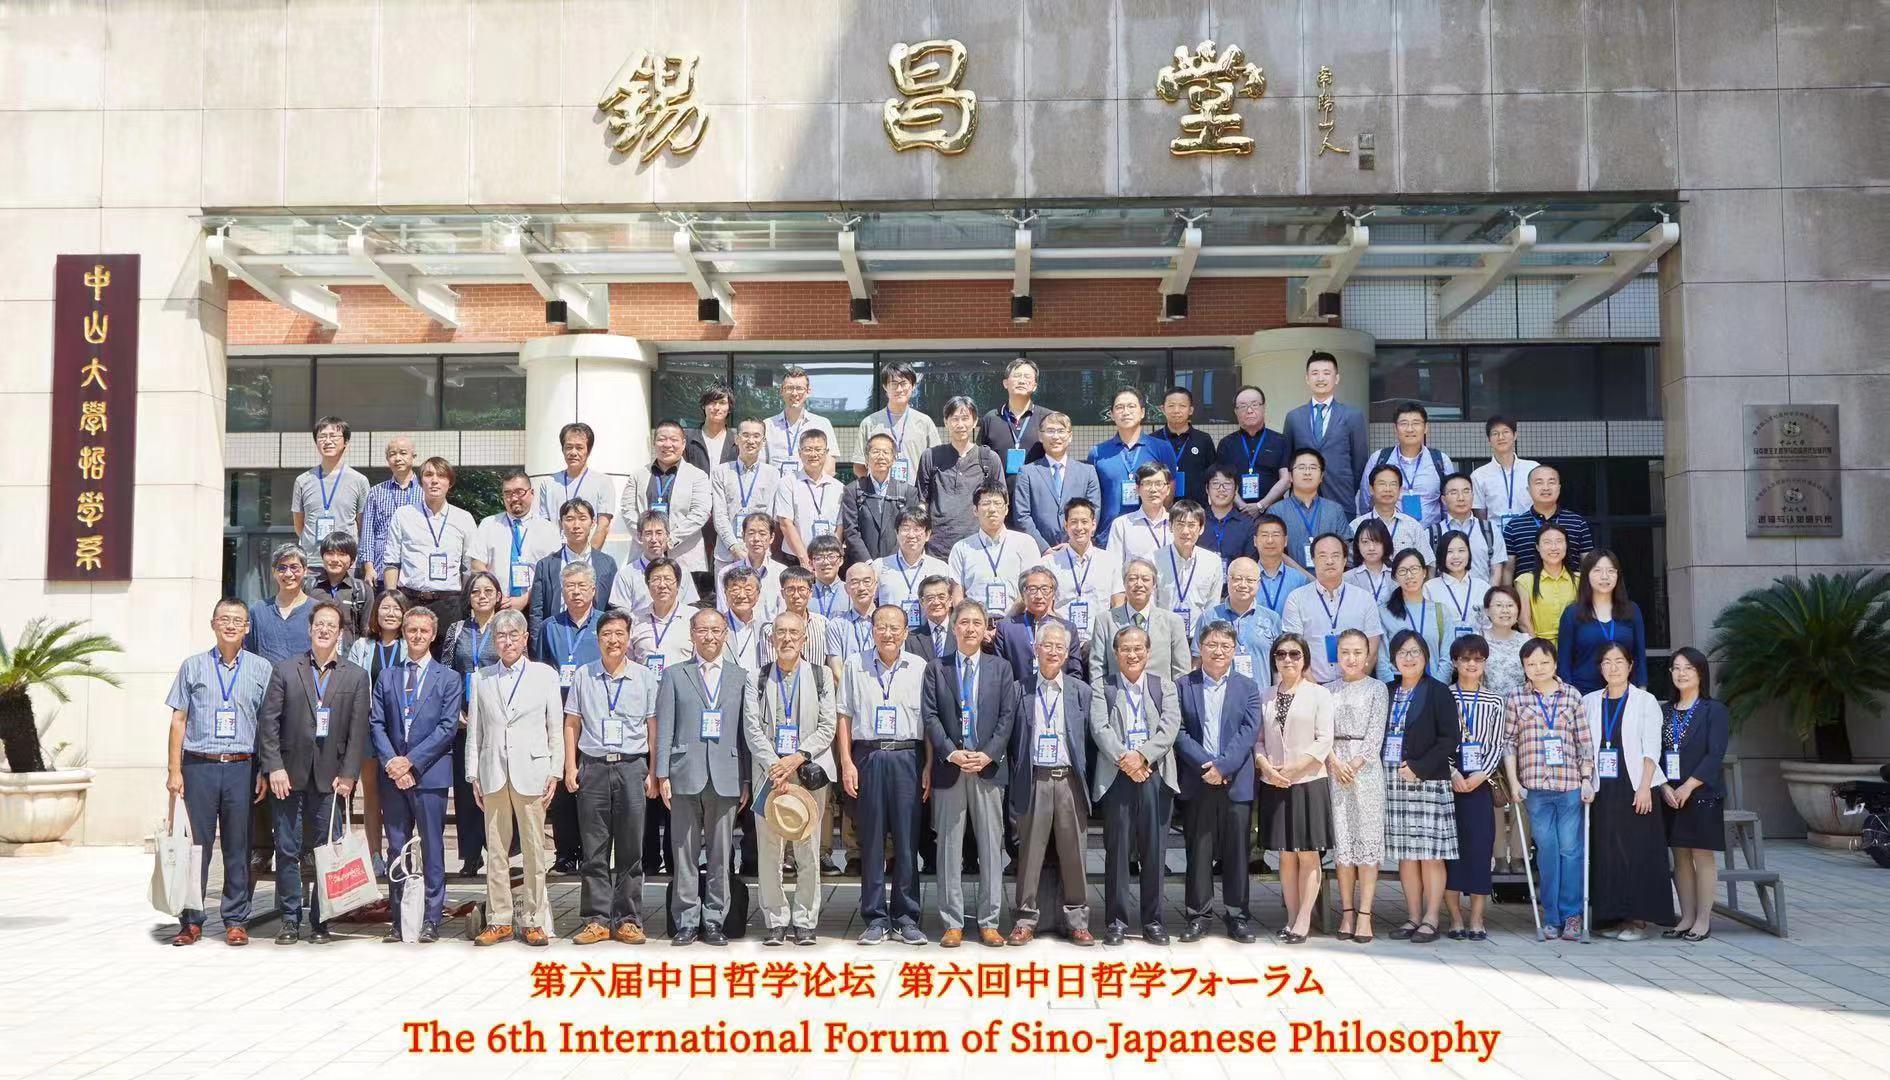 第六届中日哲学论坛:哲学在东亚的接受、转化与发展